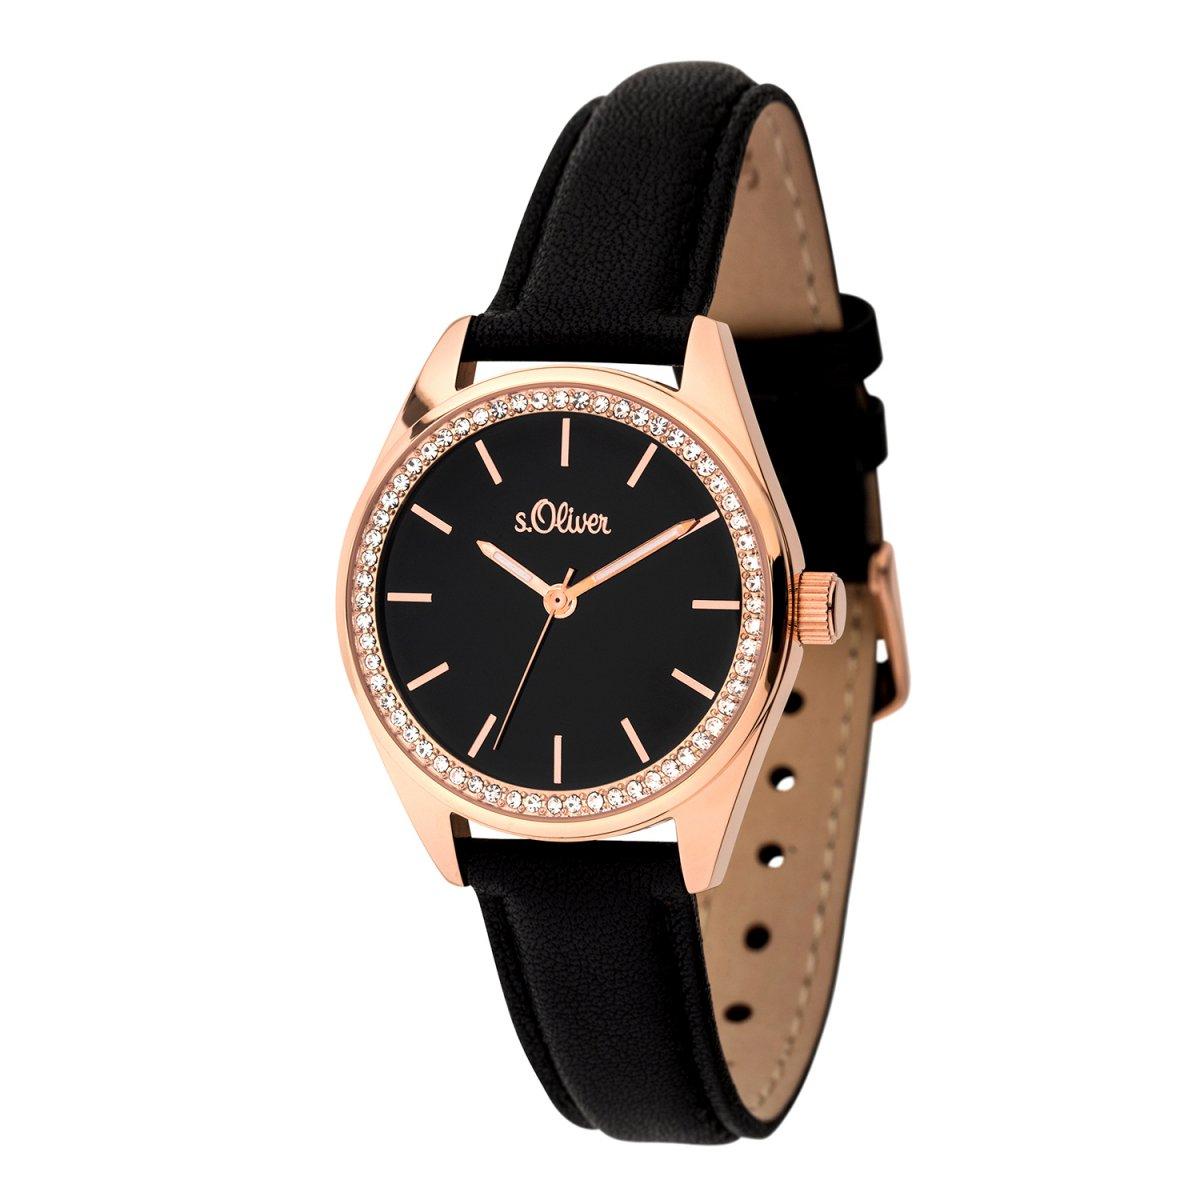 s.Oliver Damen Uhr Armbanduhr Leder SO-3390-LQ